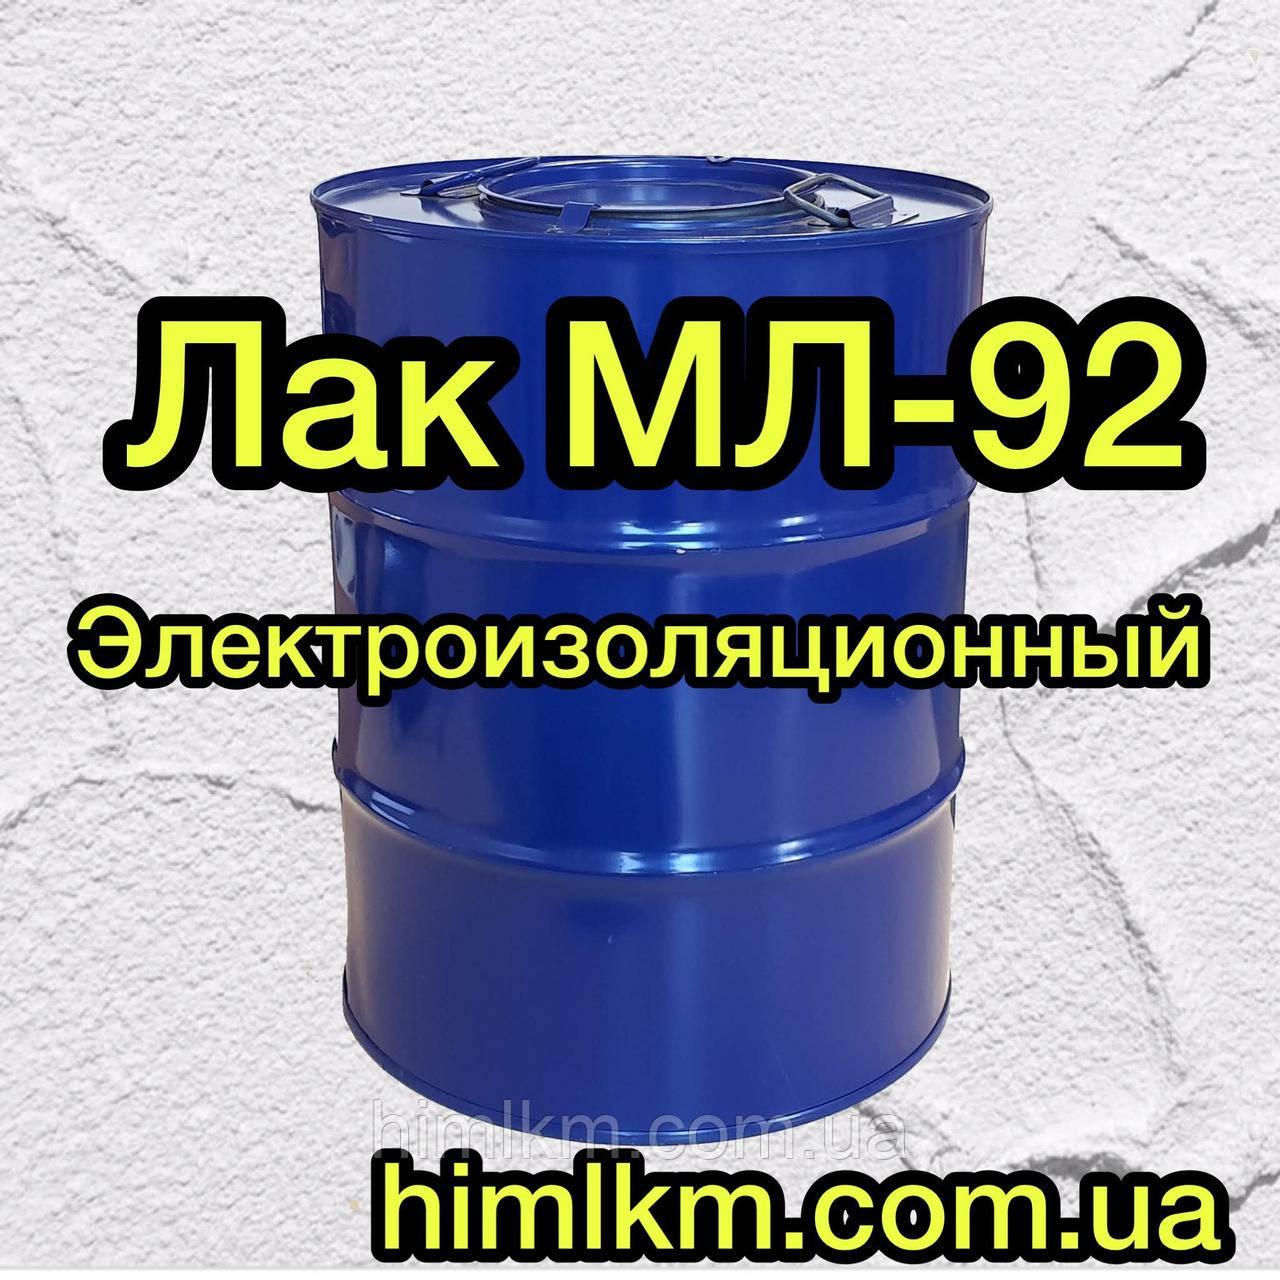 Лак МЛ-92 электроизоляционный для пропитки обмоток двигателей, 45кг